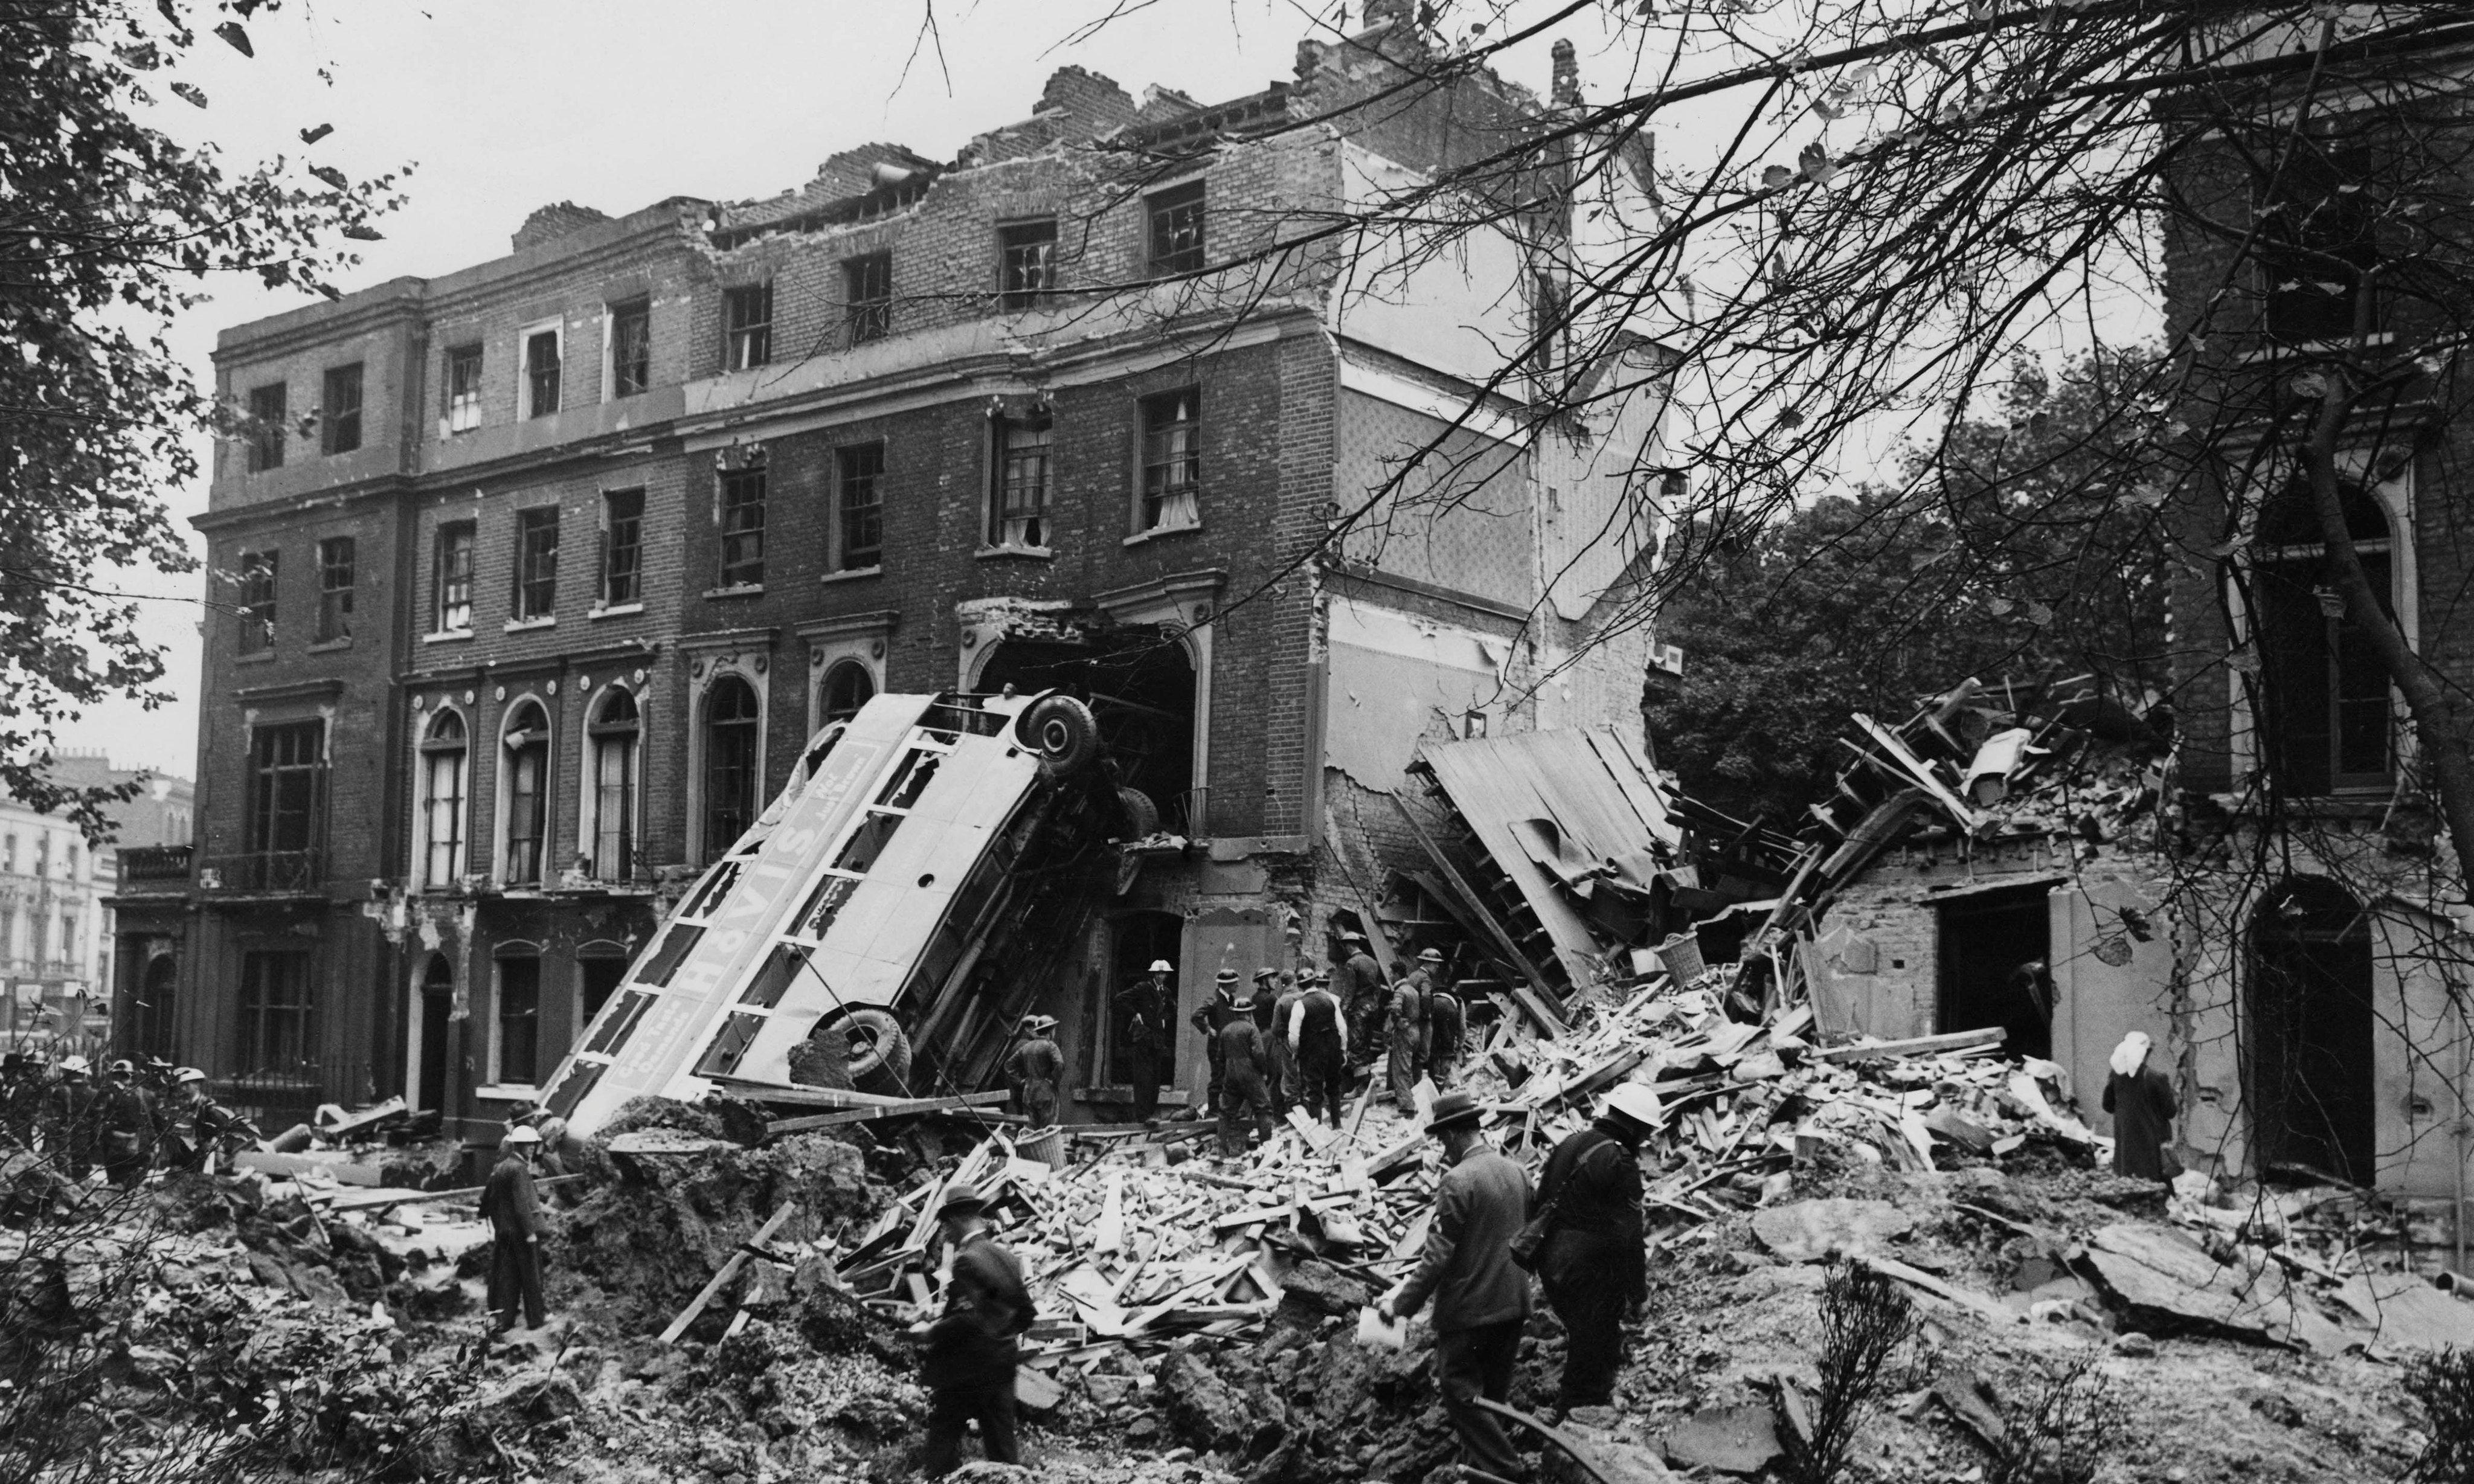 London Blitz, September 9, 1940